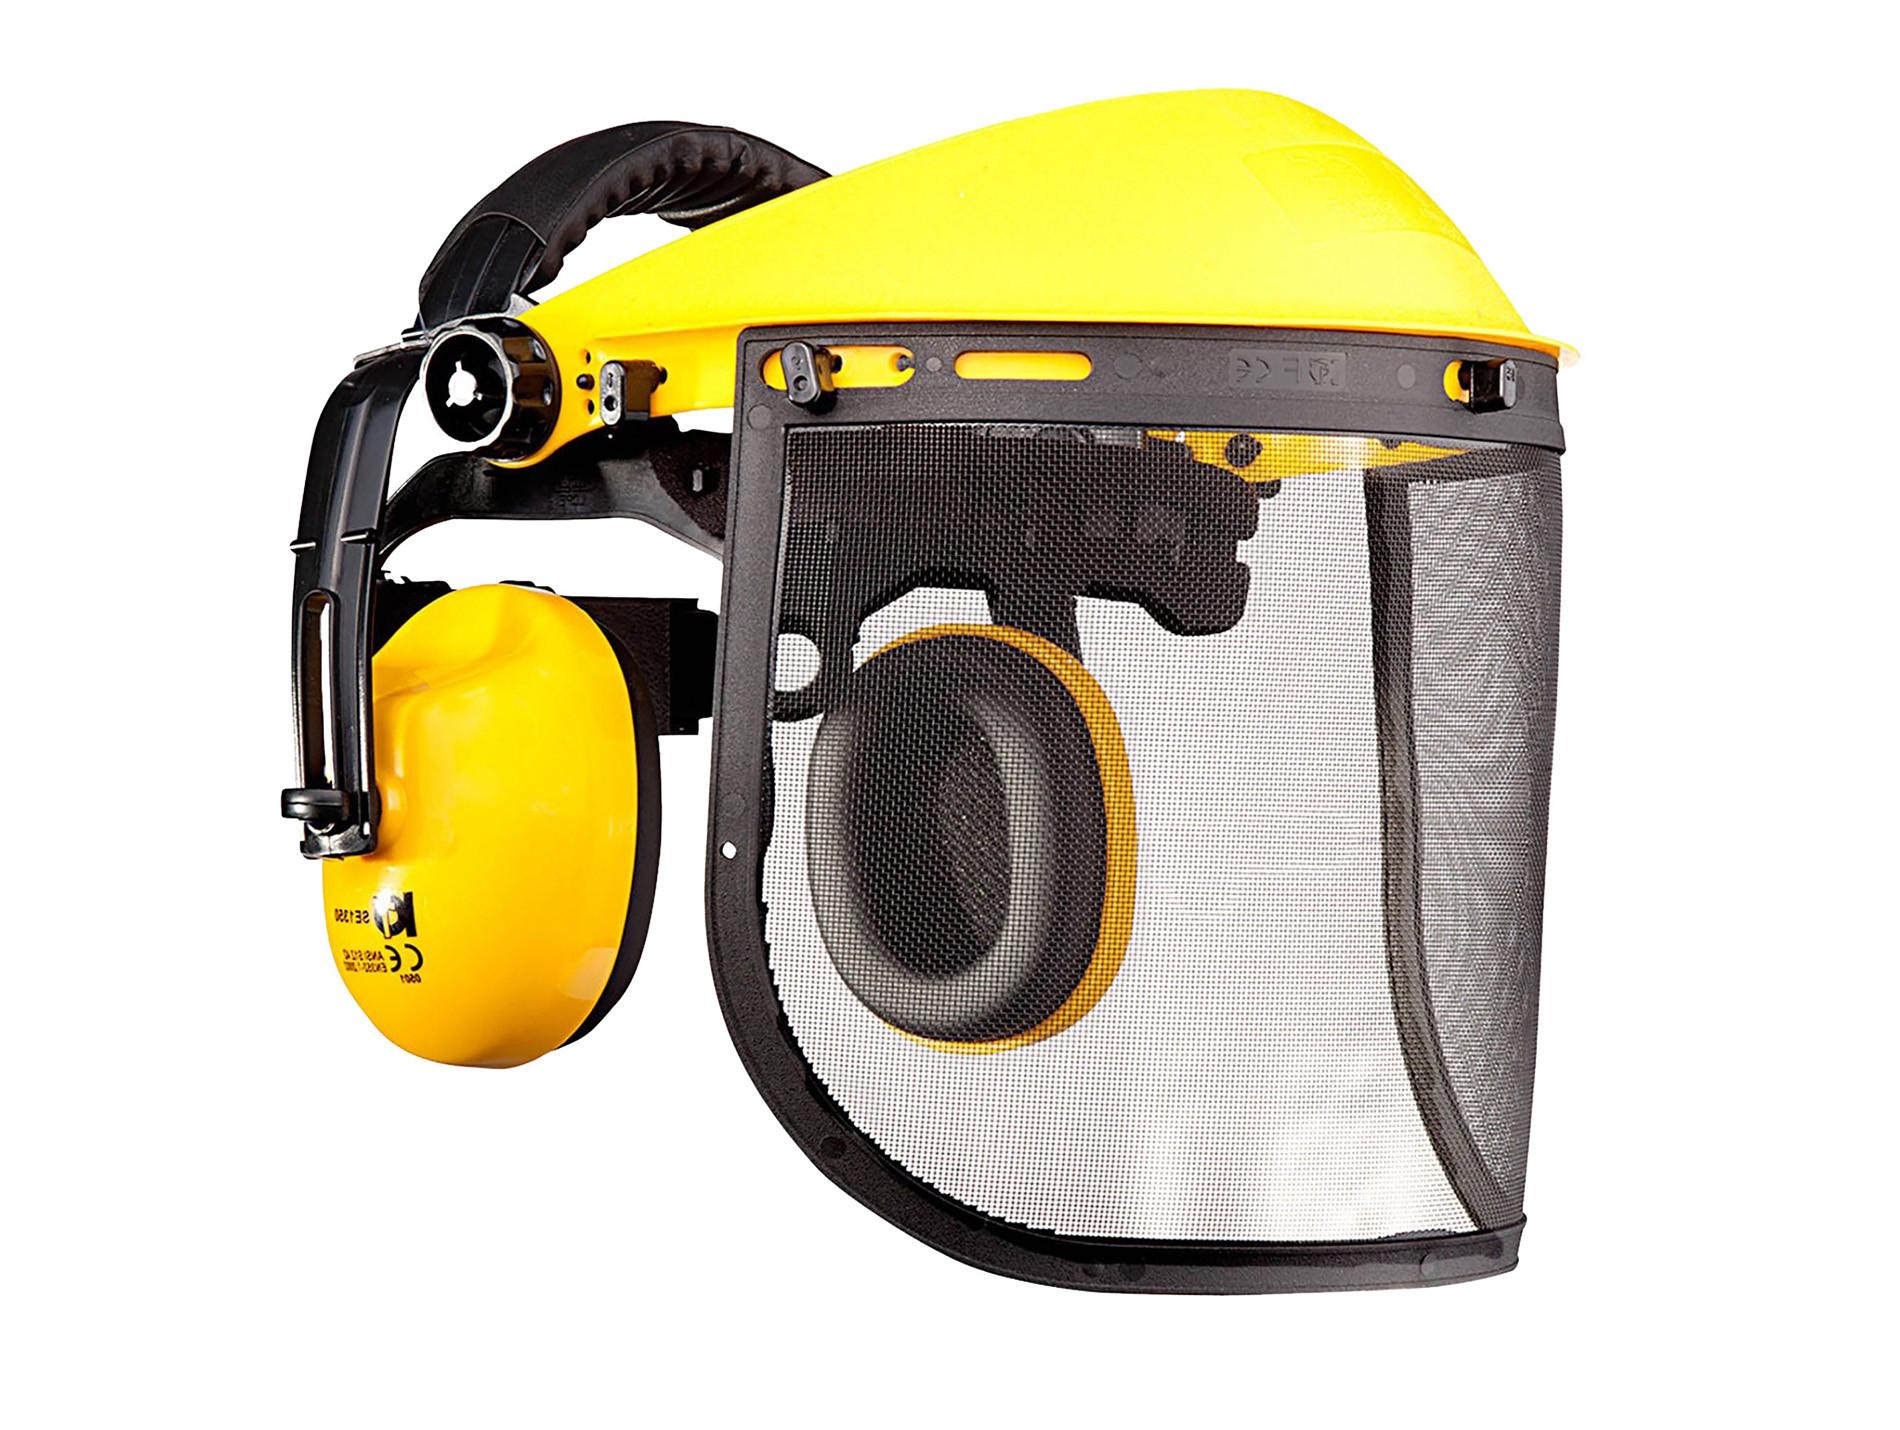 Visière protège-oreilles débroussaillage SOLIDUR